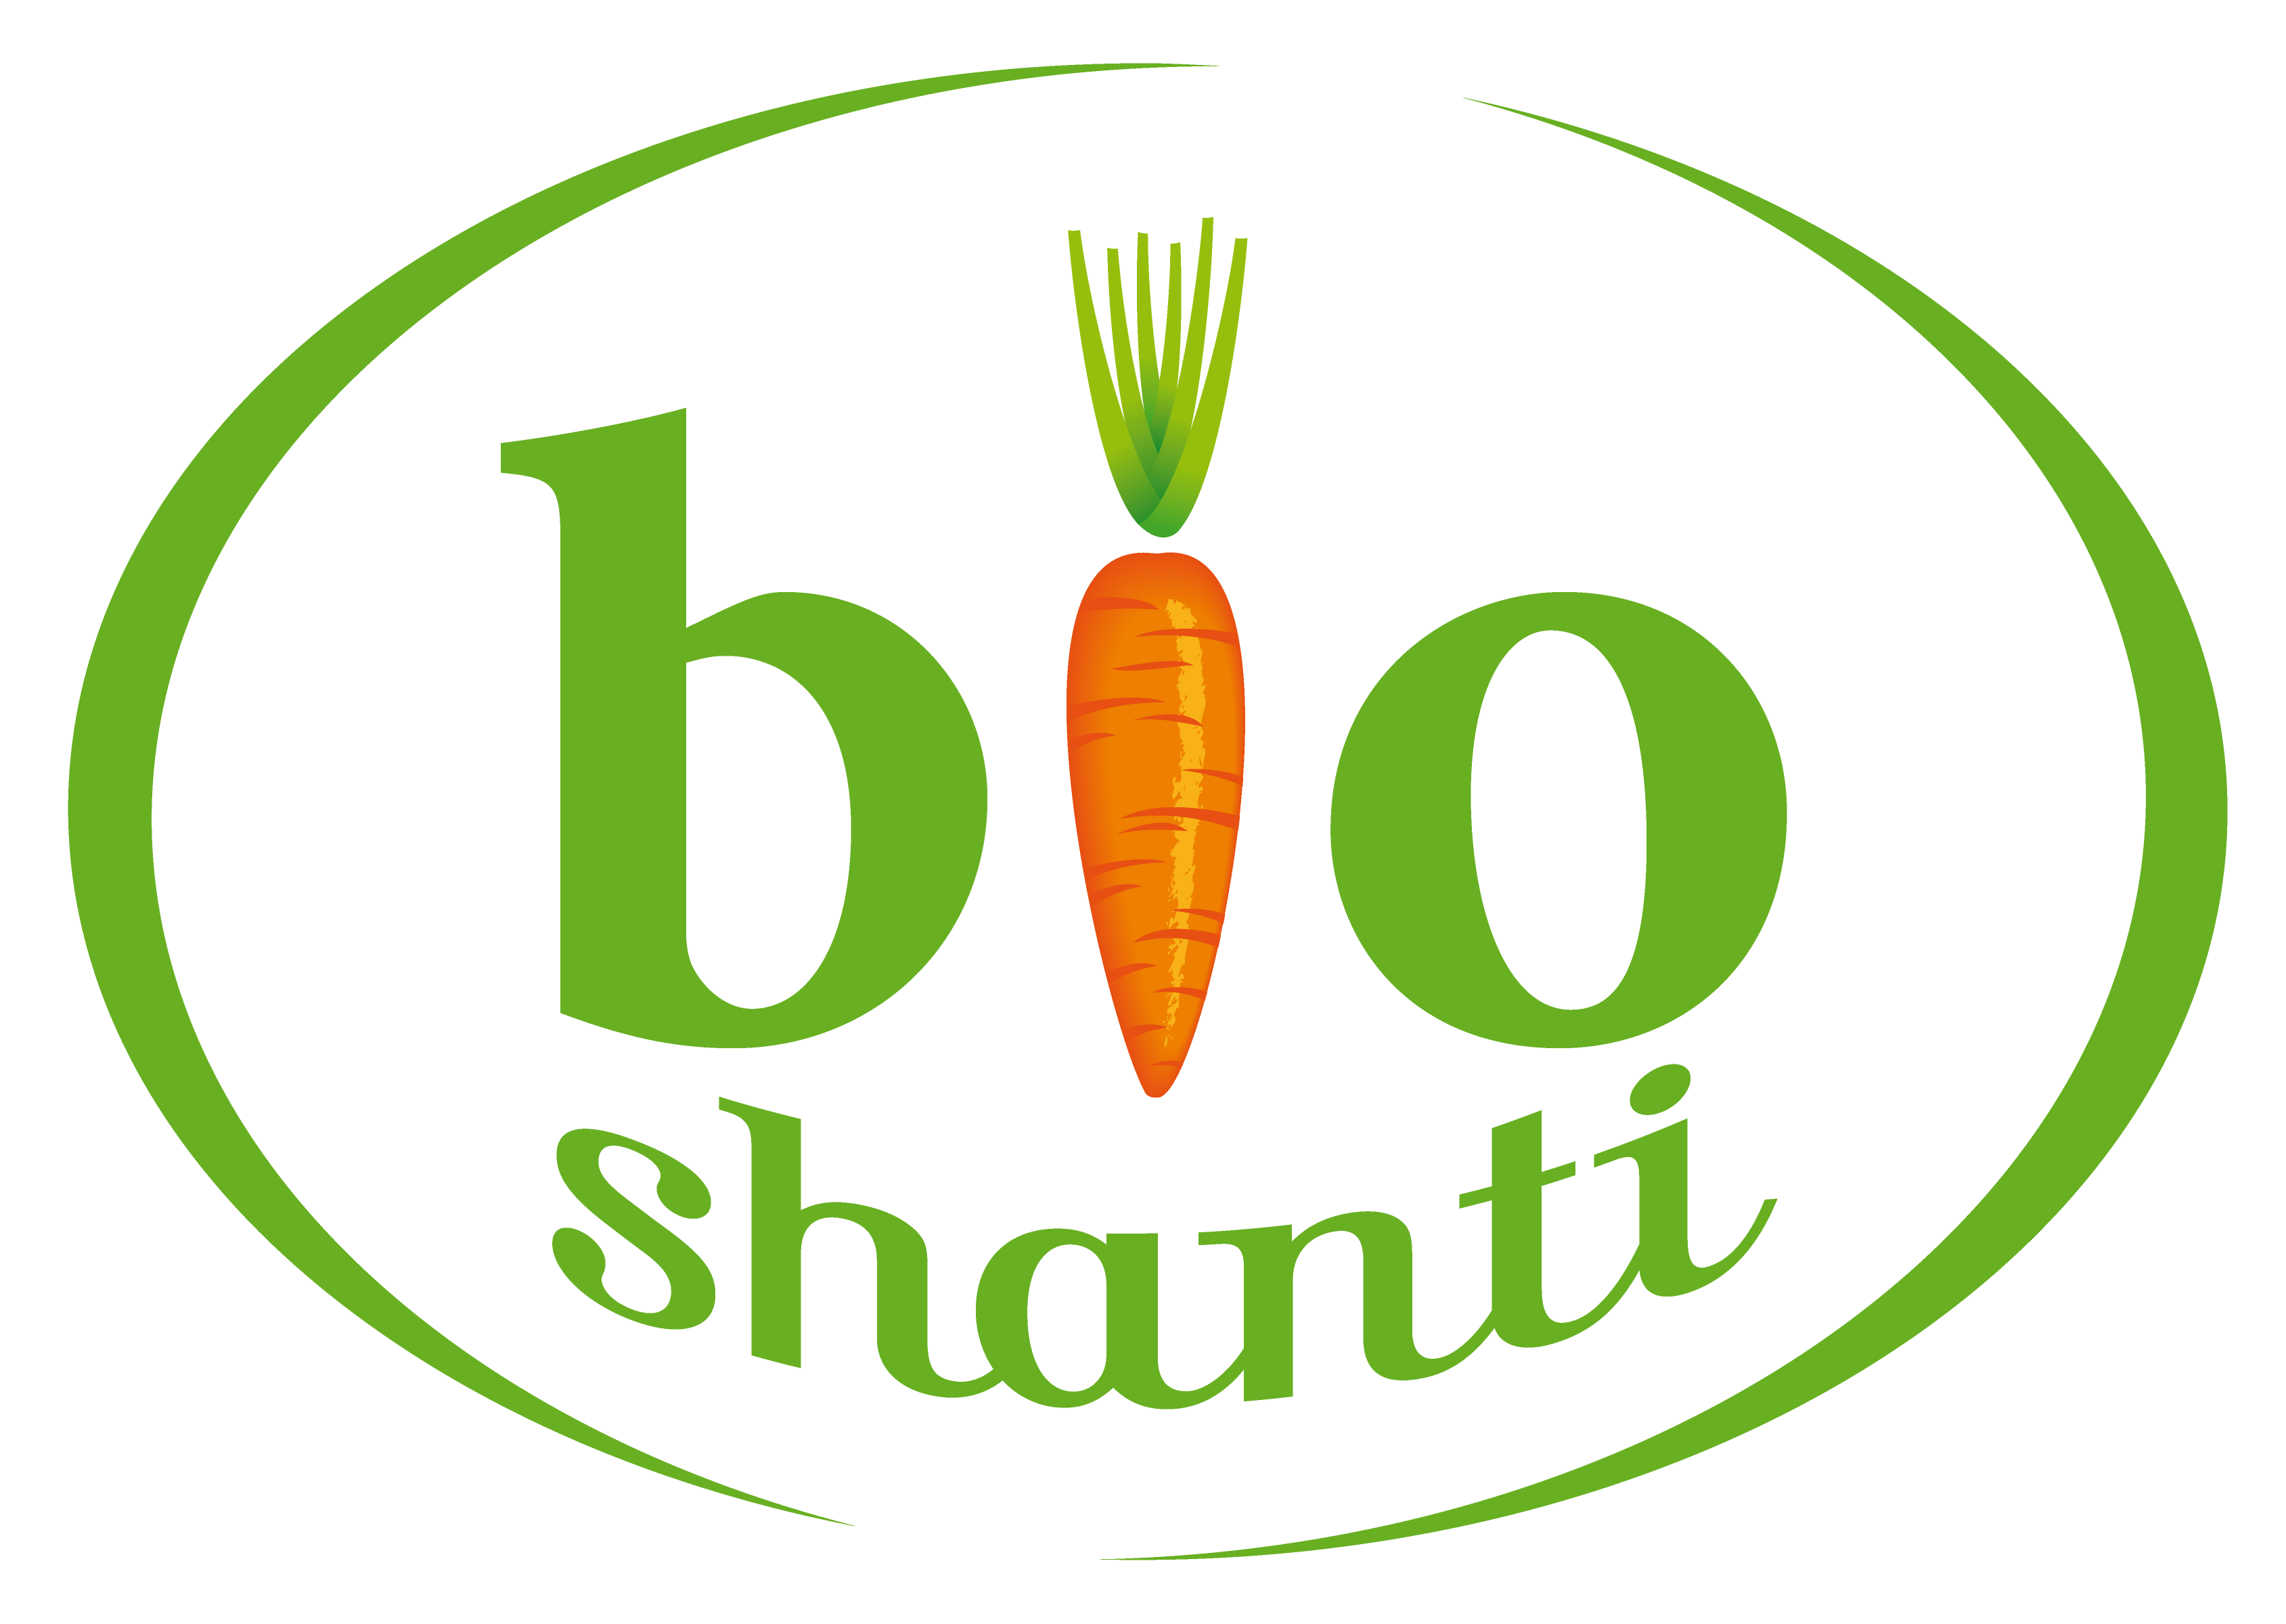 bio shanti - Les distributeurs de soupes bio